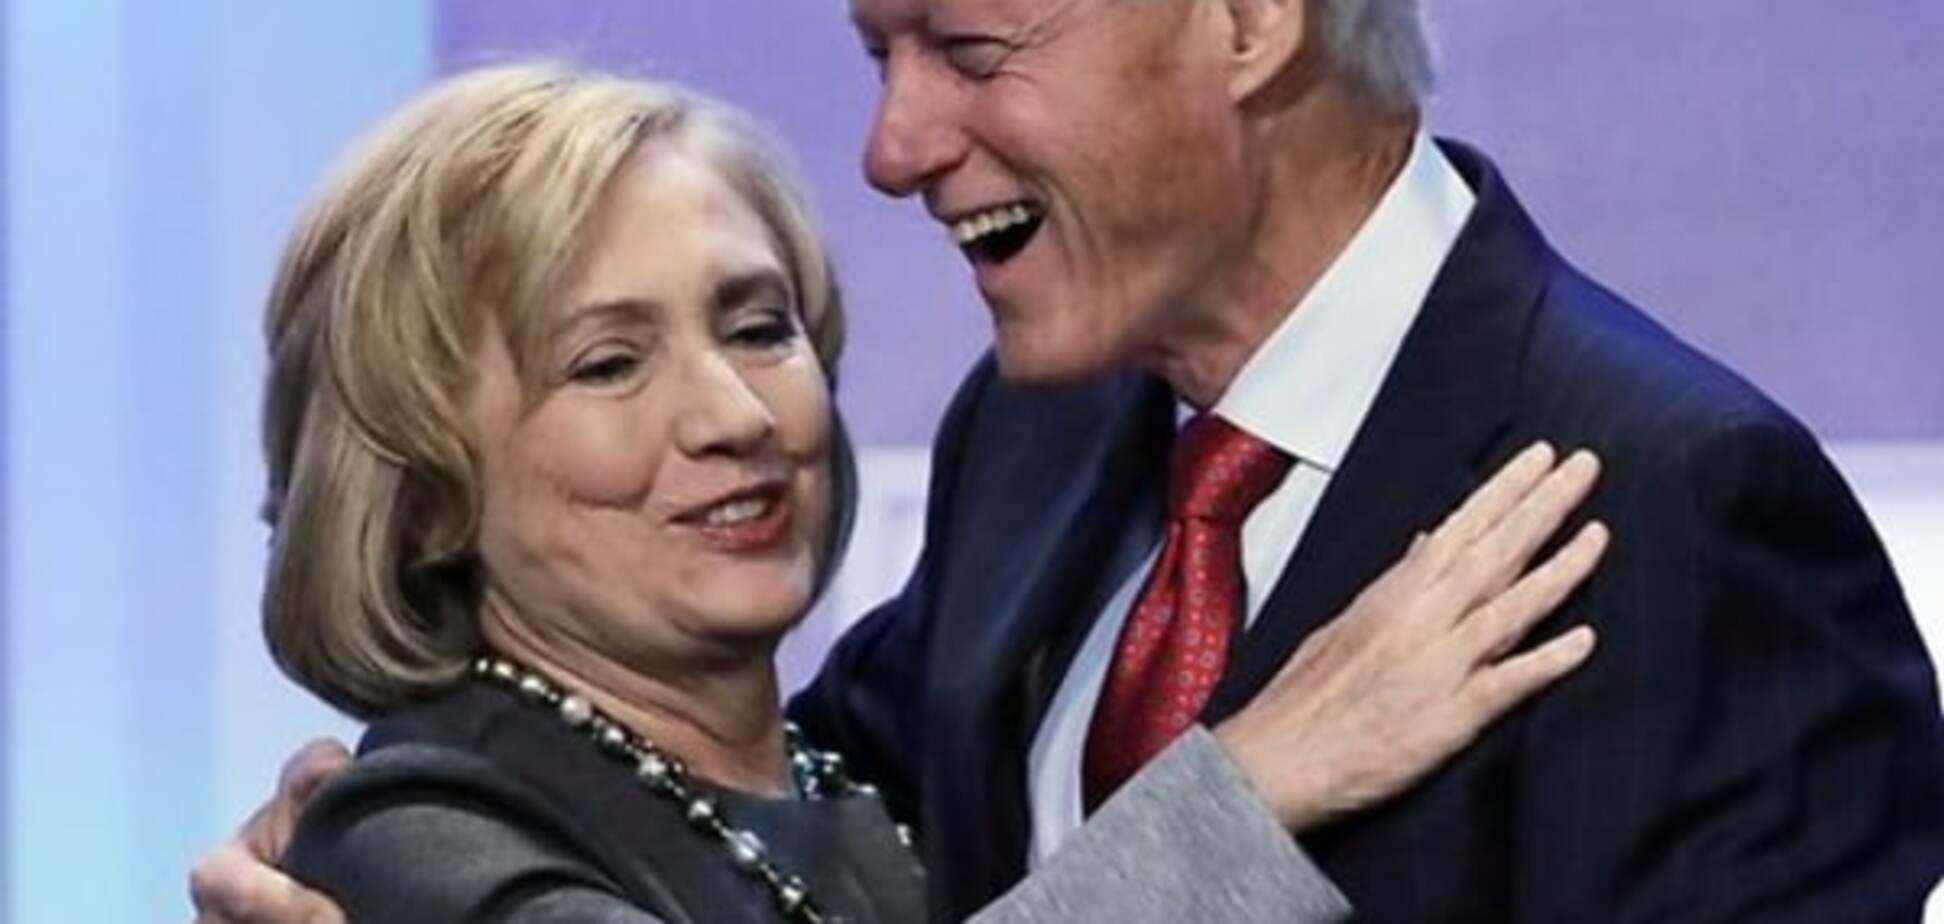 Радник зі США: Хілларі Клінтон била свого чоловіка до крові